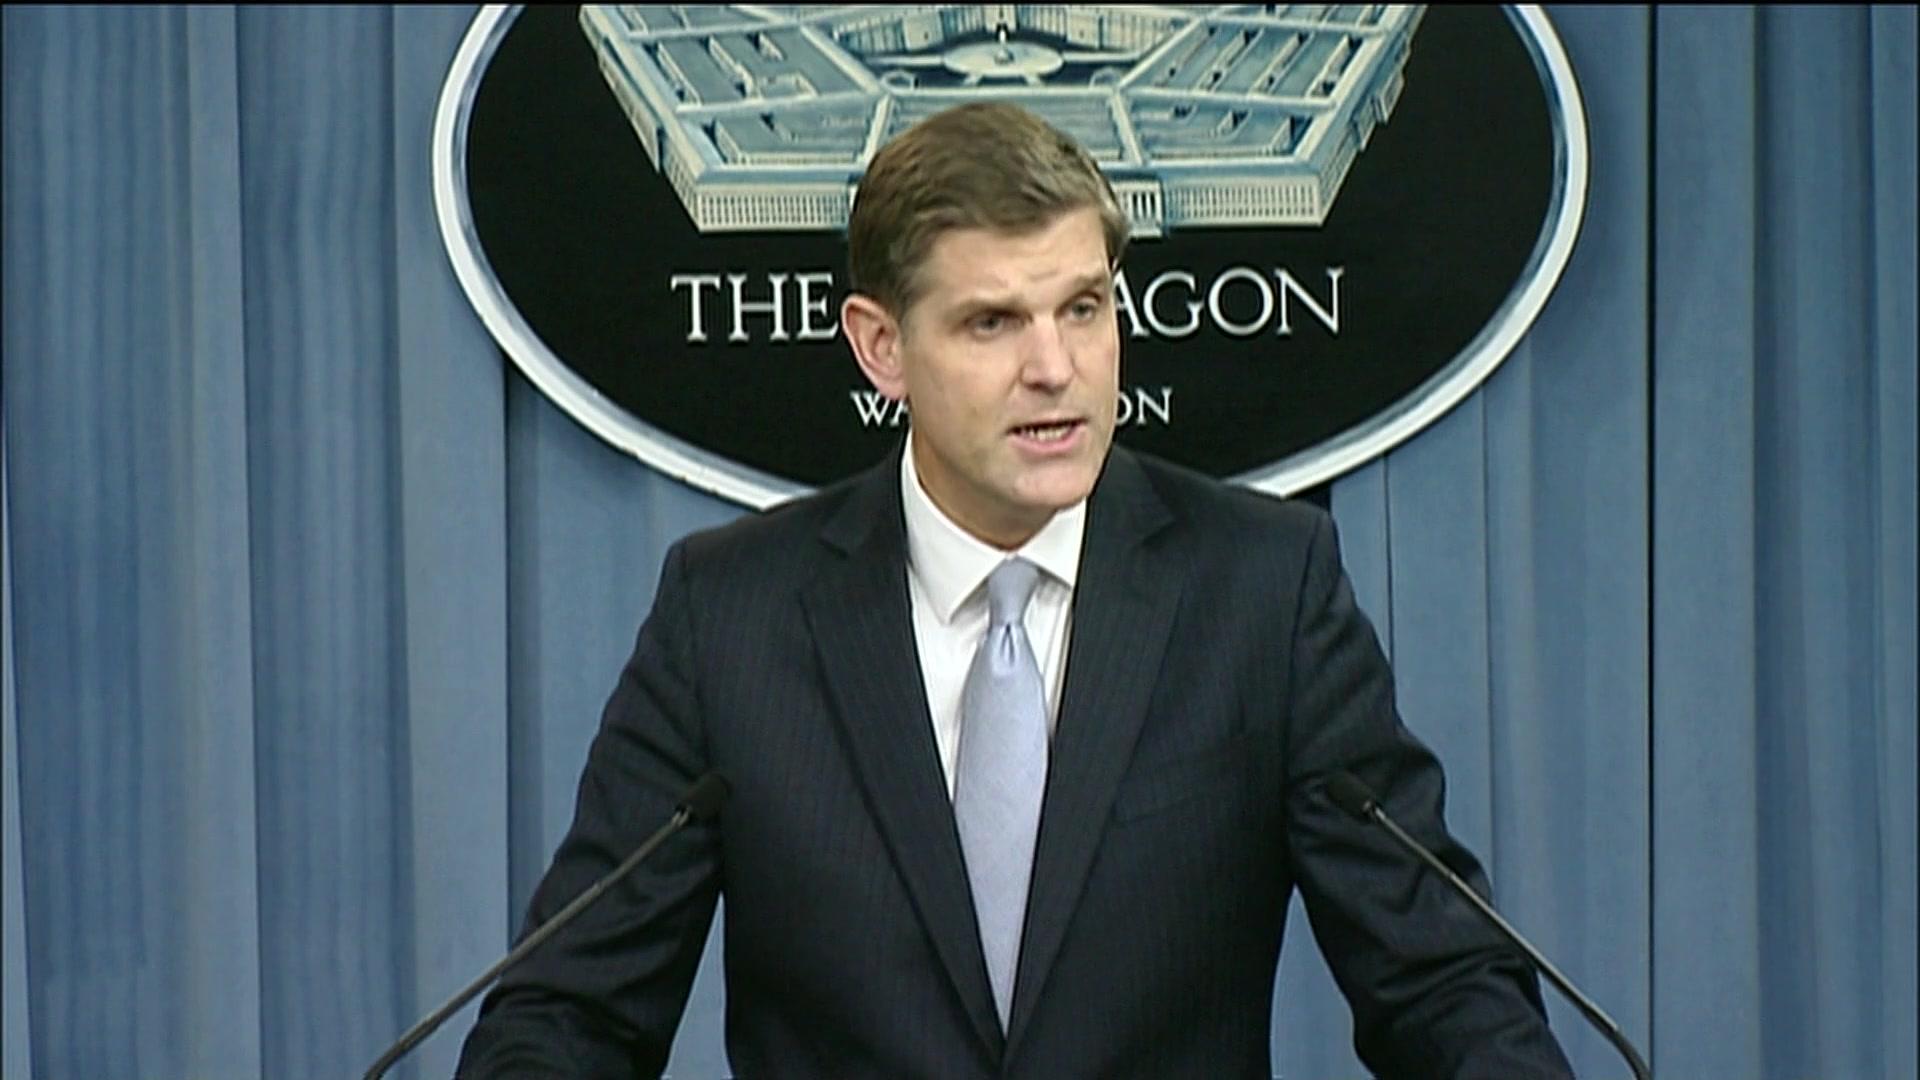 Pentagon'dan Tel Abyad'a ABD bayrakları asılmasına ilişkin açıklama